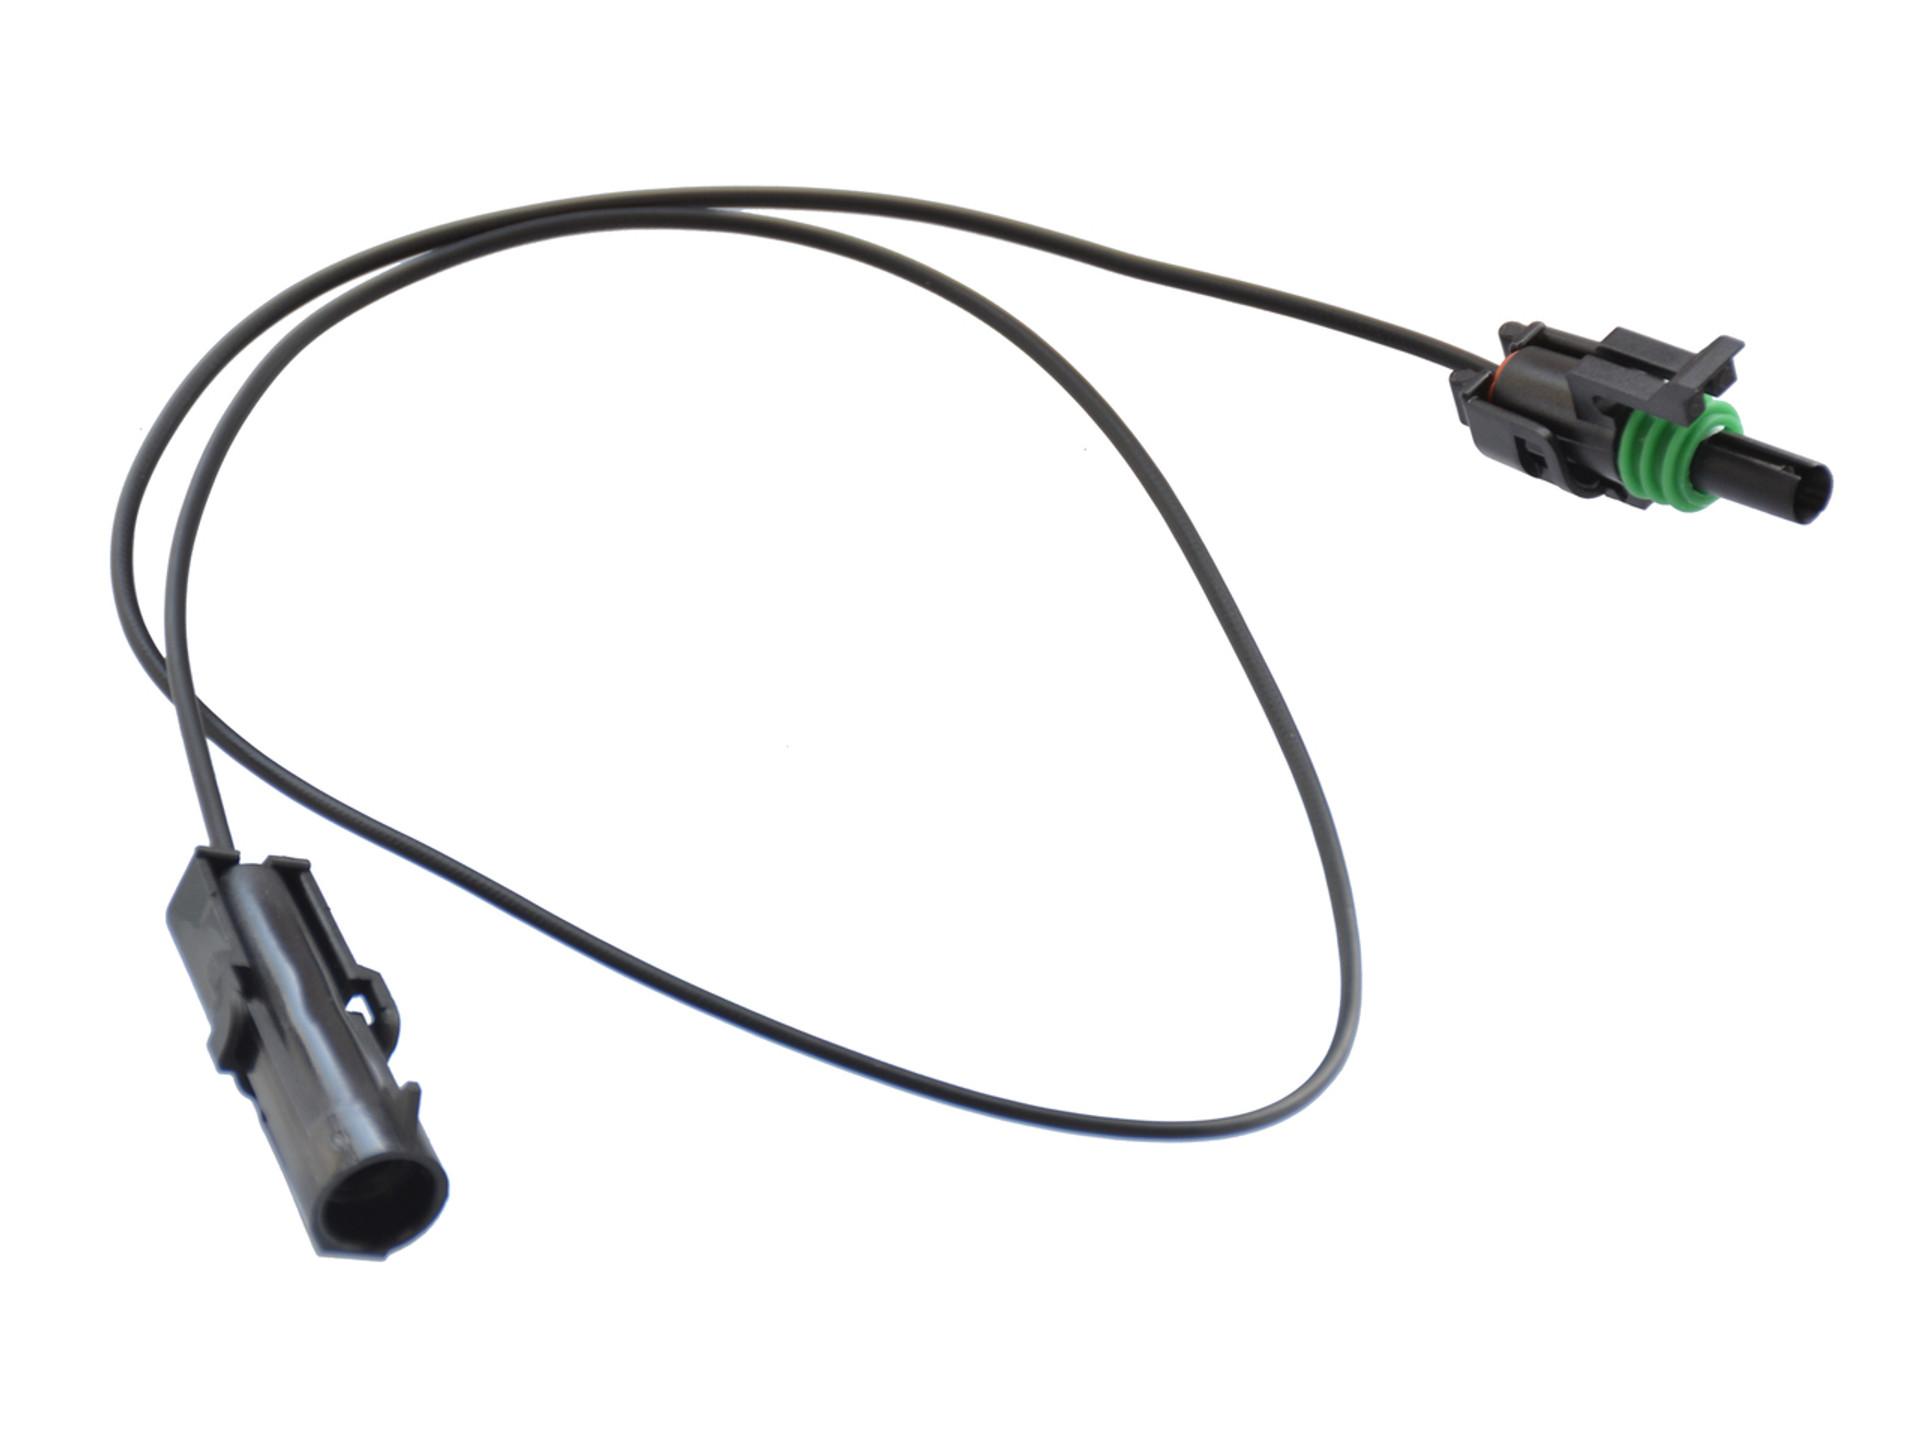 LS2 LS3 LS7 Oxygen O2 Sensor Header Extension Harness 24